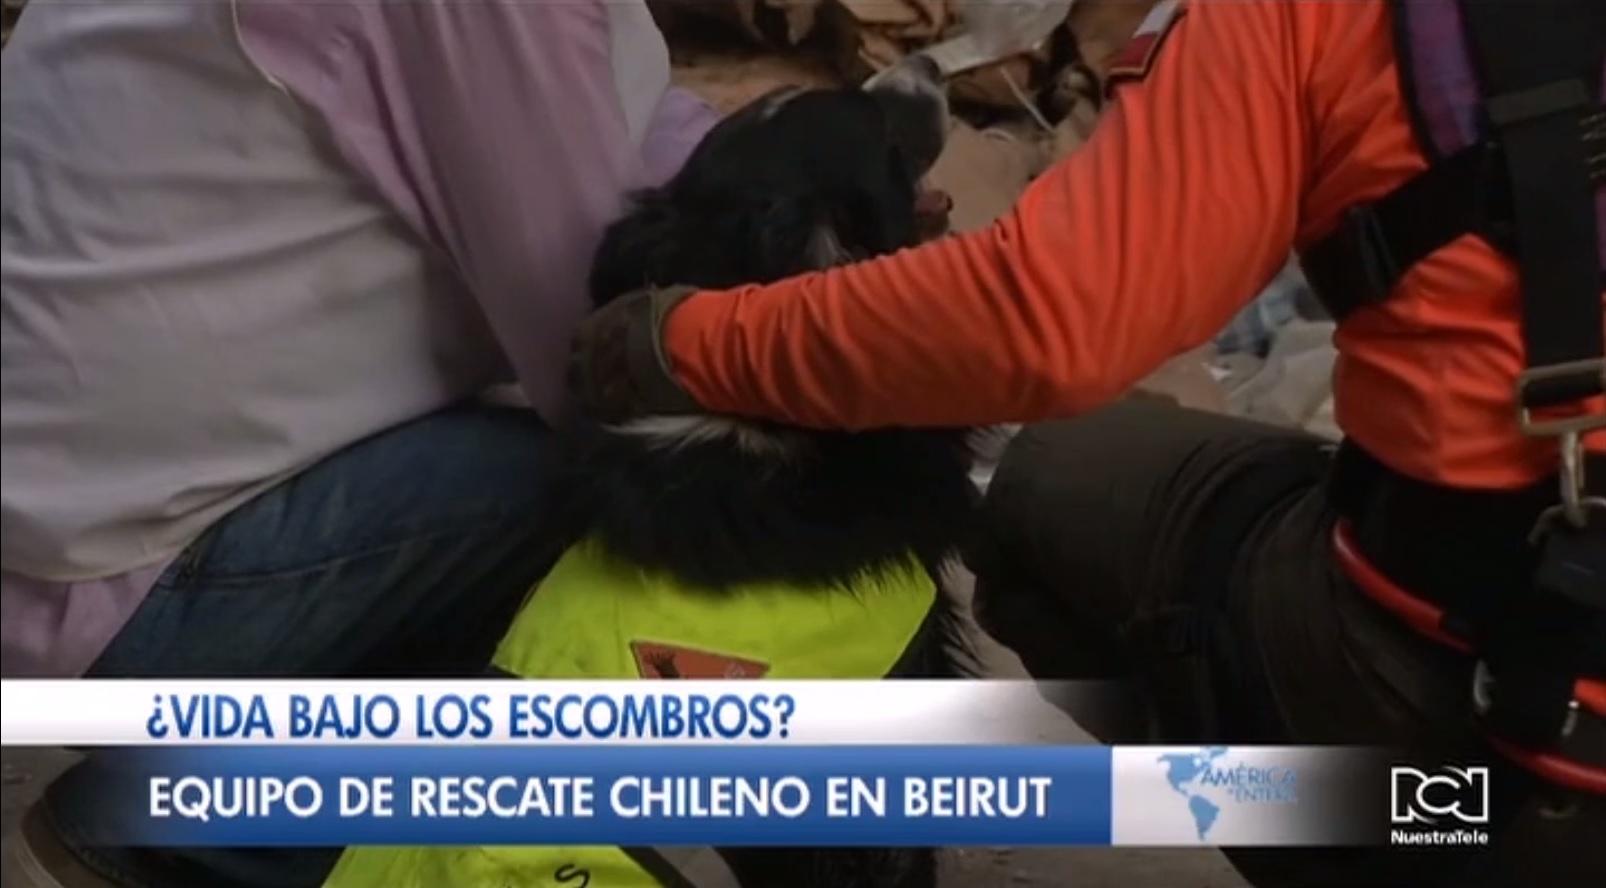 ¿Hay vida bajo los escombros en Beirut?